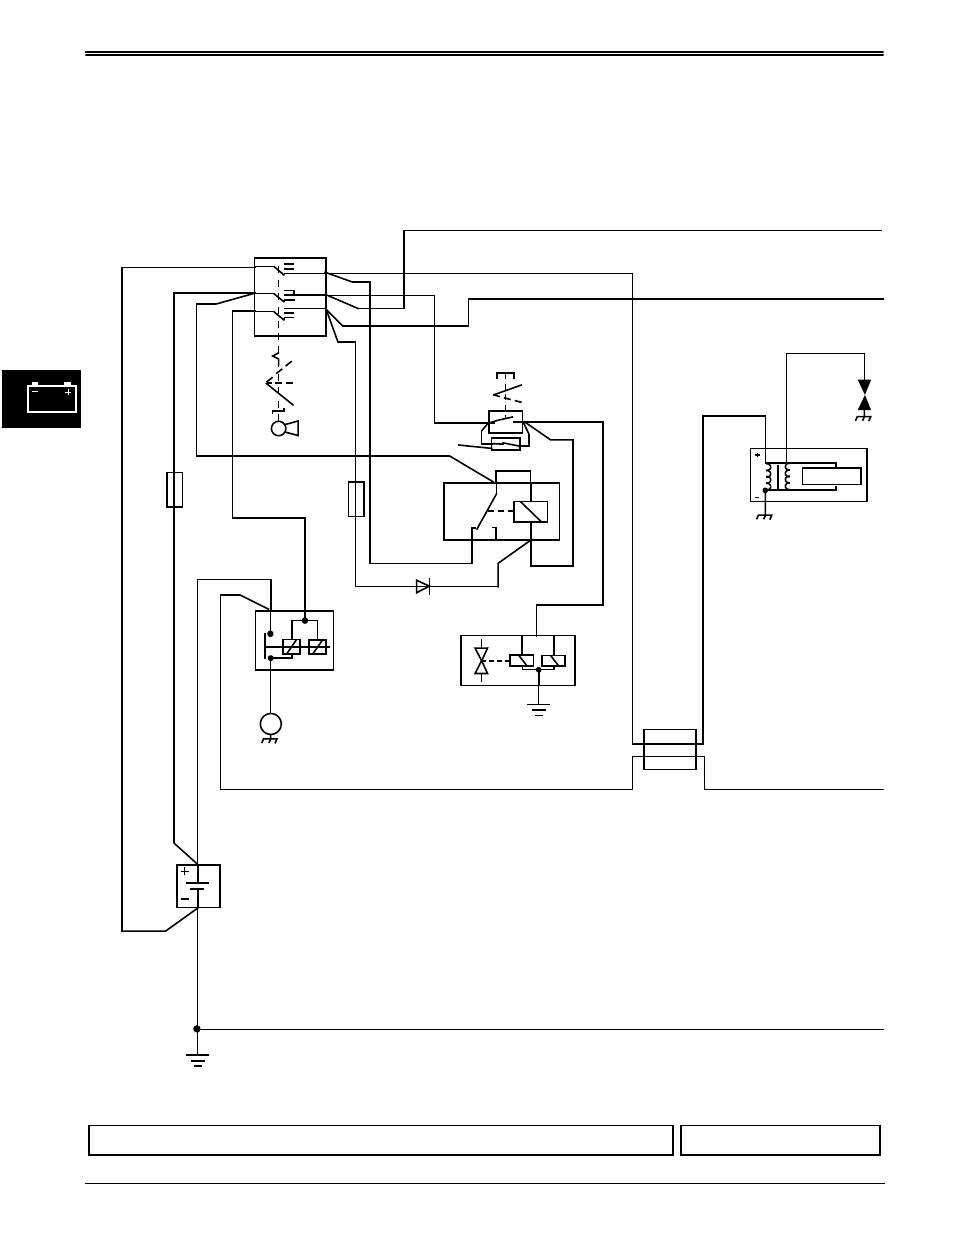 medium resolution of wiring schematics john deere stx38 user manual page 102 314wiring schematics john deere stx38 user manual